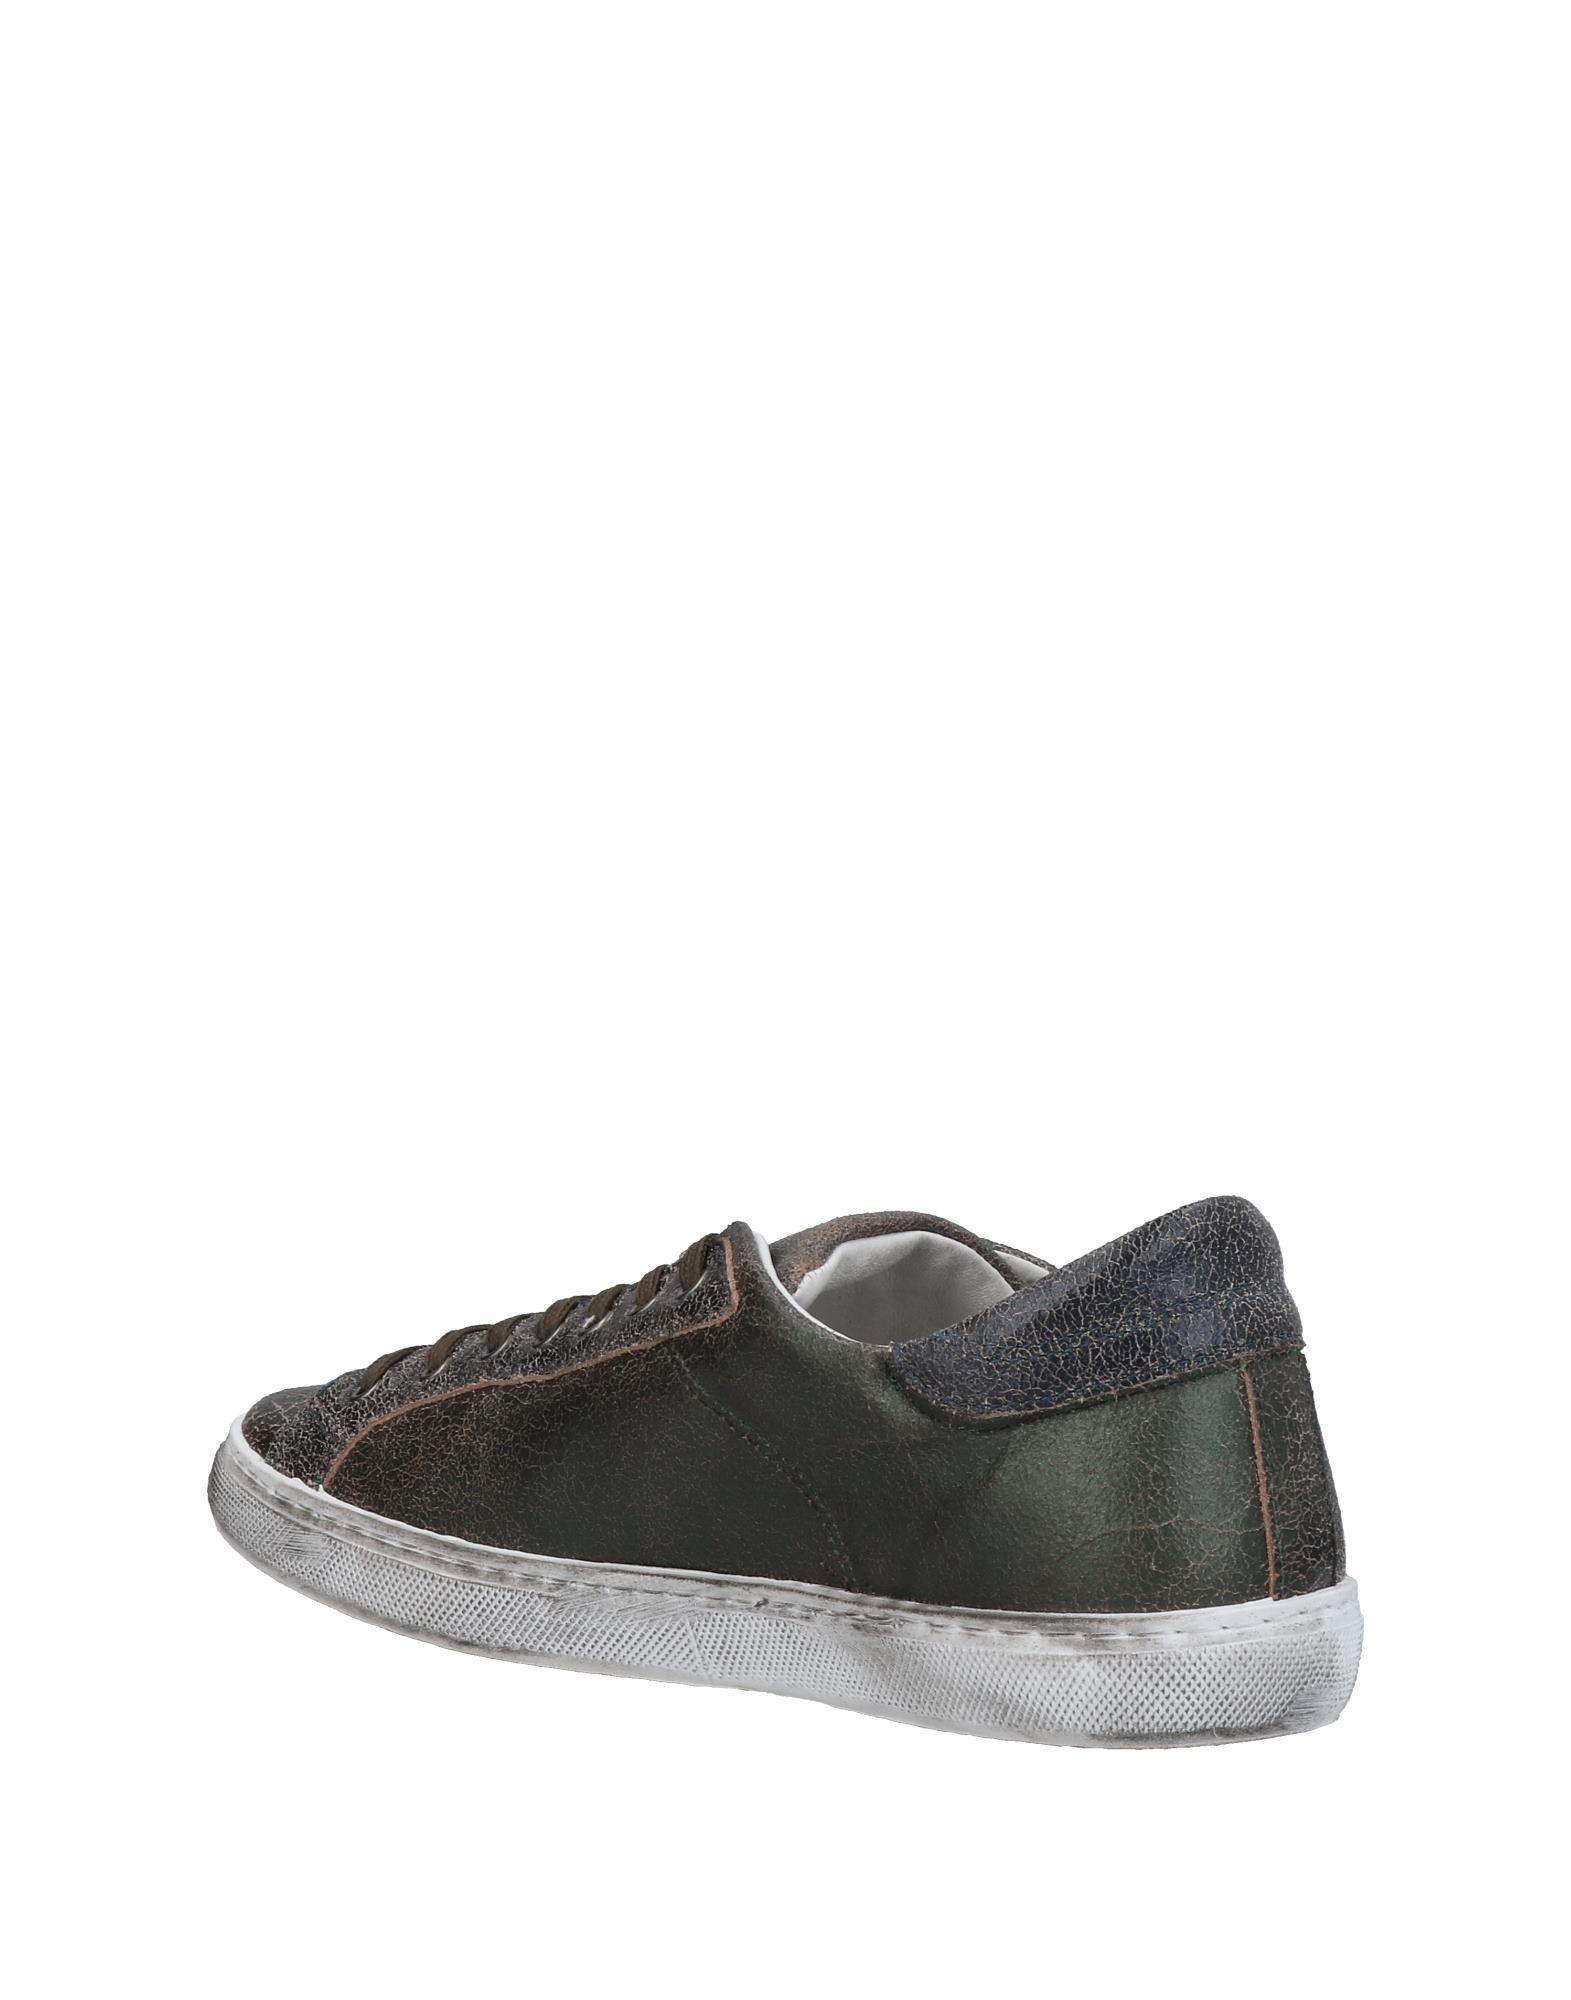 Rabatt echte 2Star Schuhe 2Star echte Sneakers Herren  11453486PS f68c70